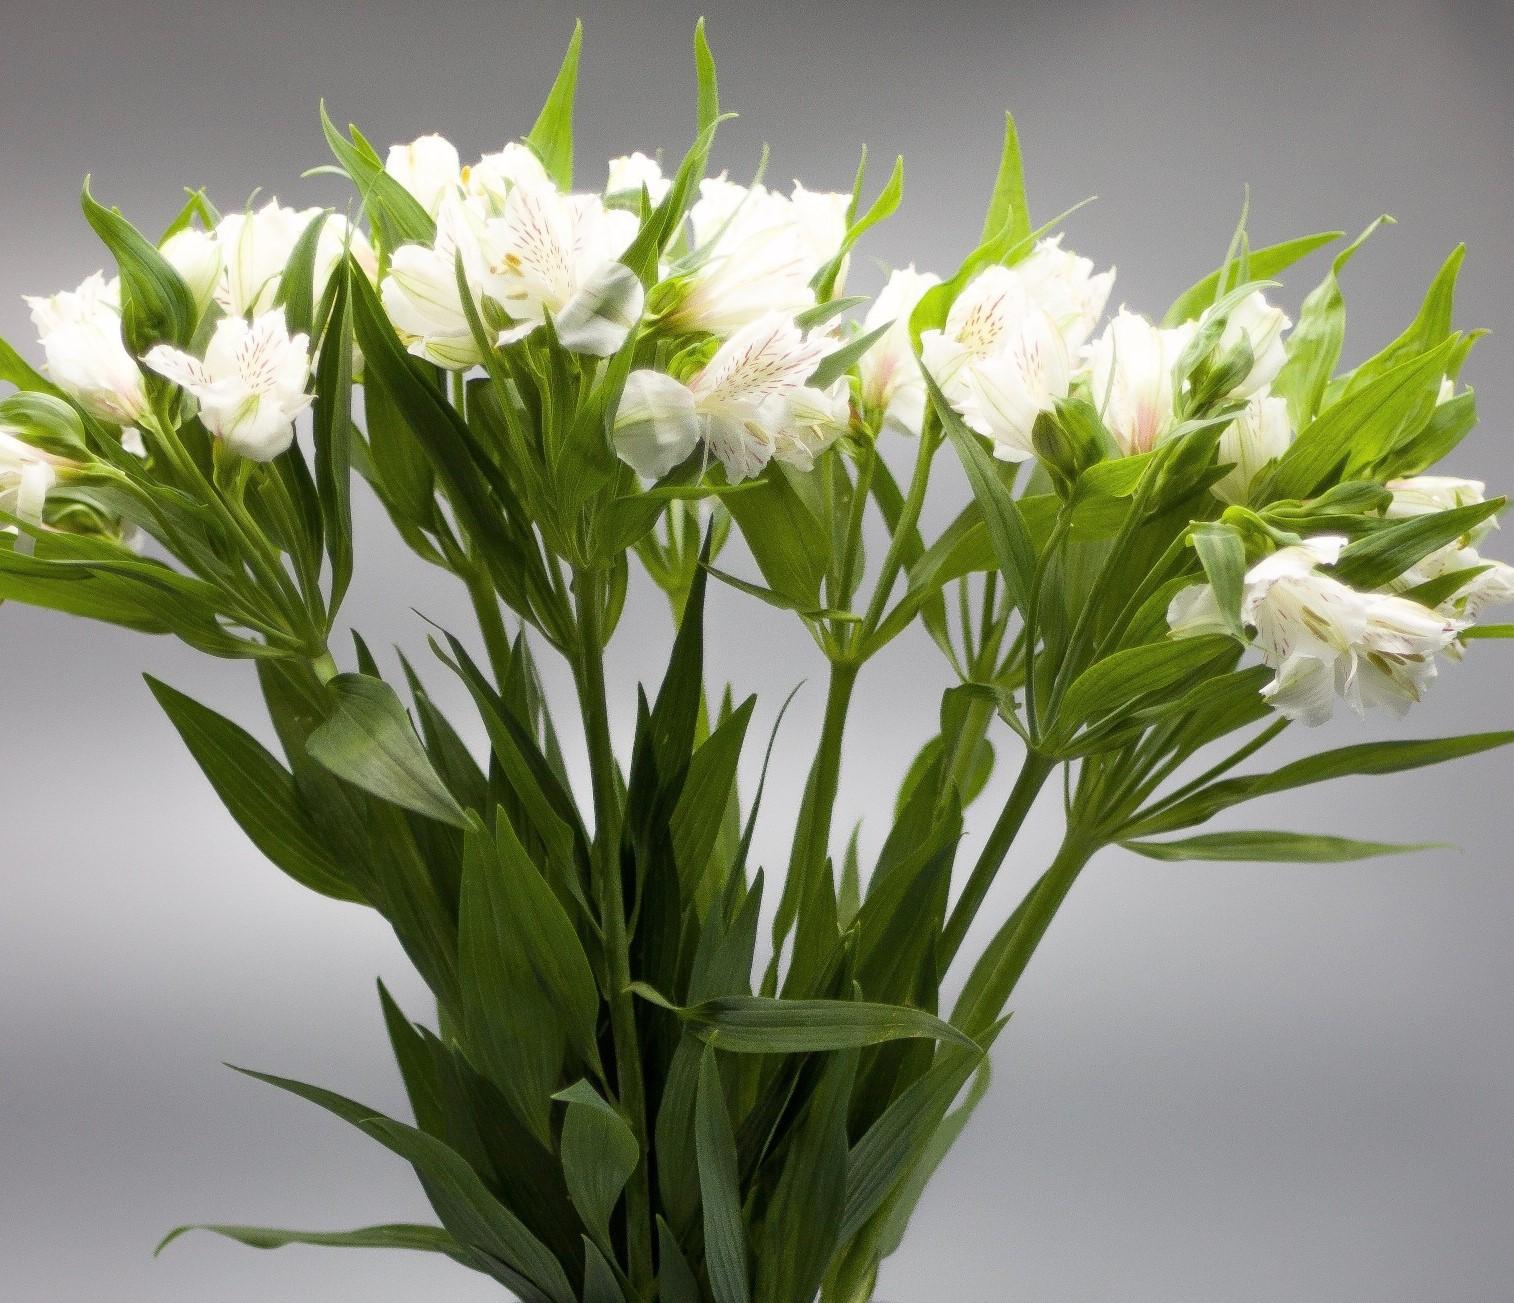 ألستروماريا أبيض ' الزهور بالجملة زهور مقطوفة